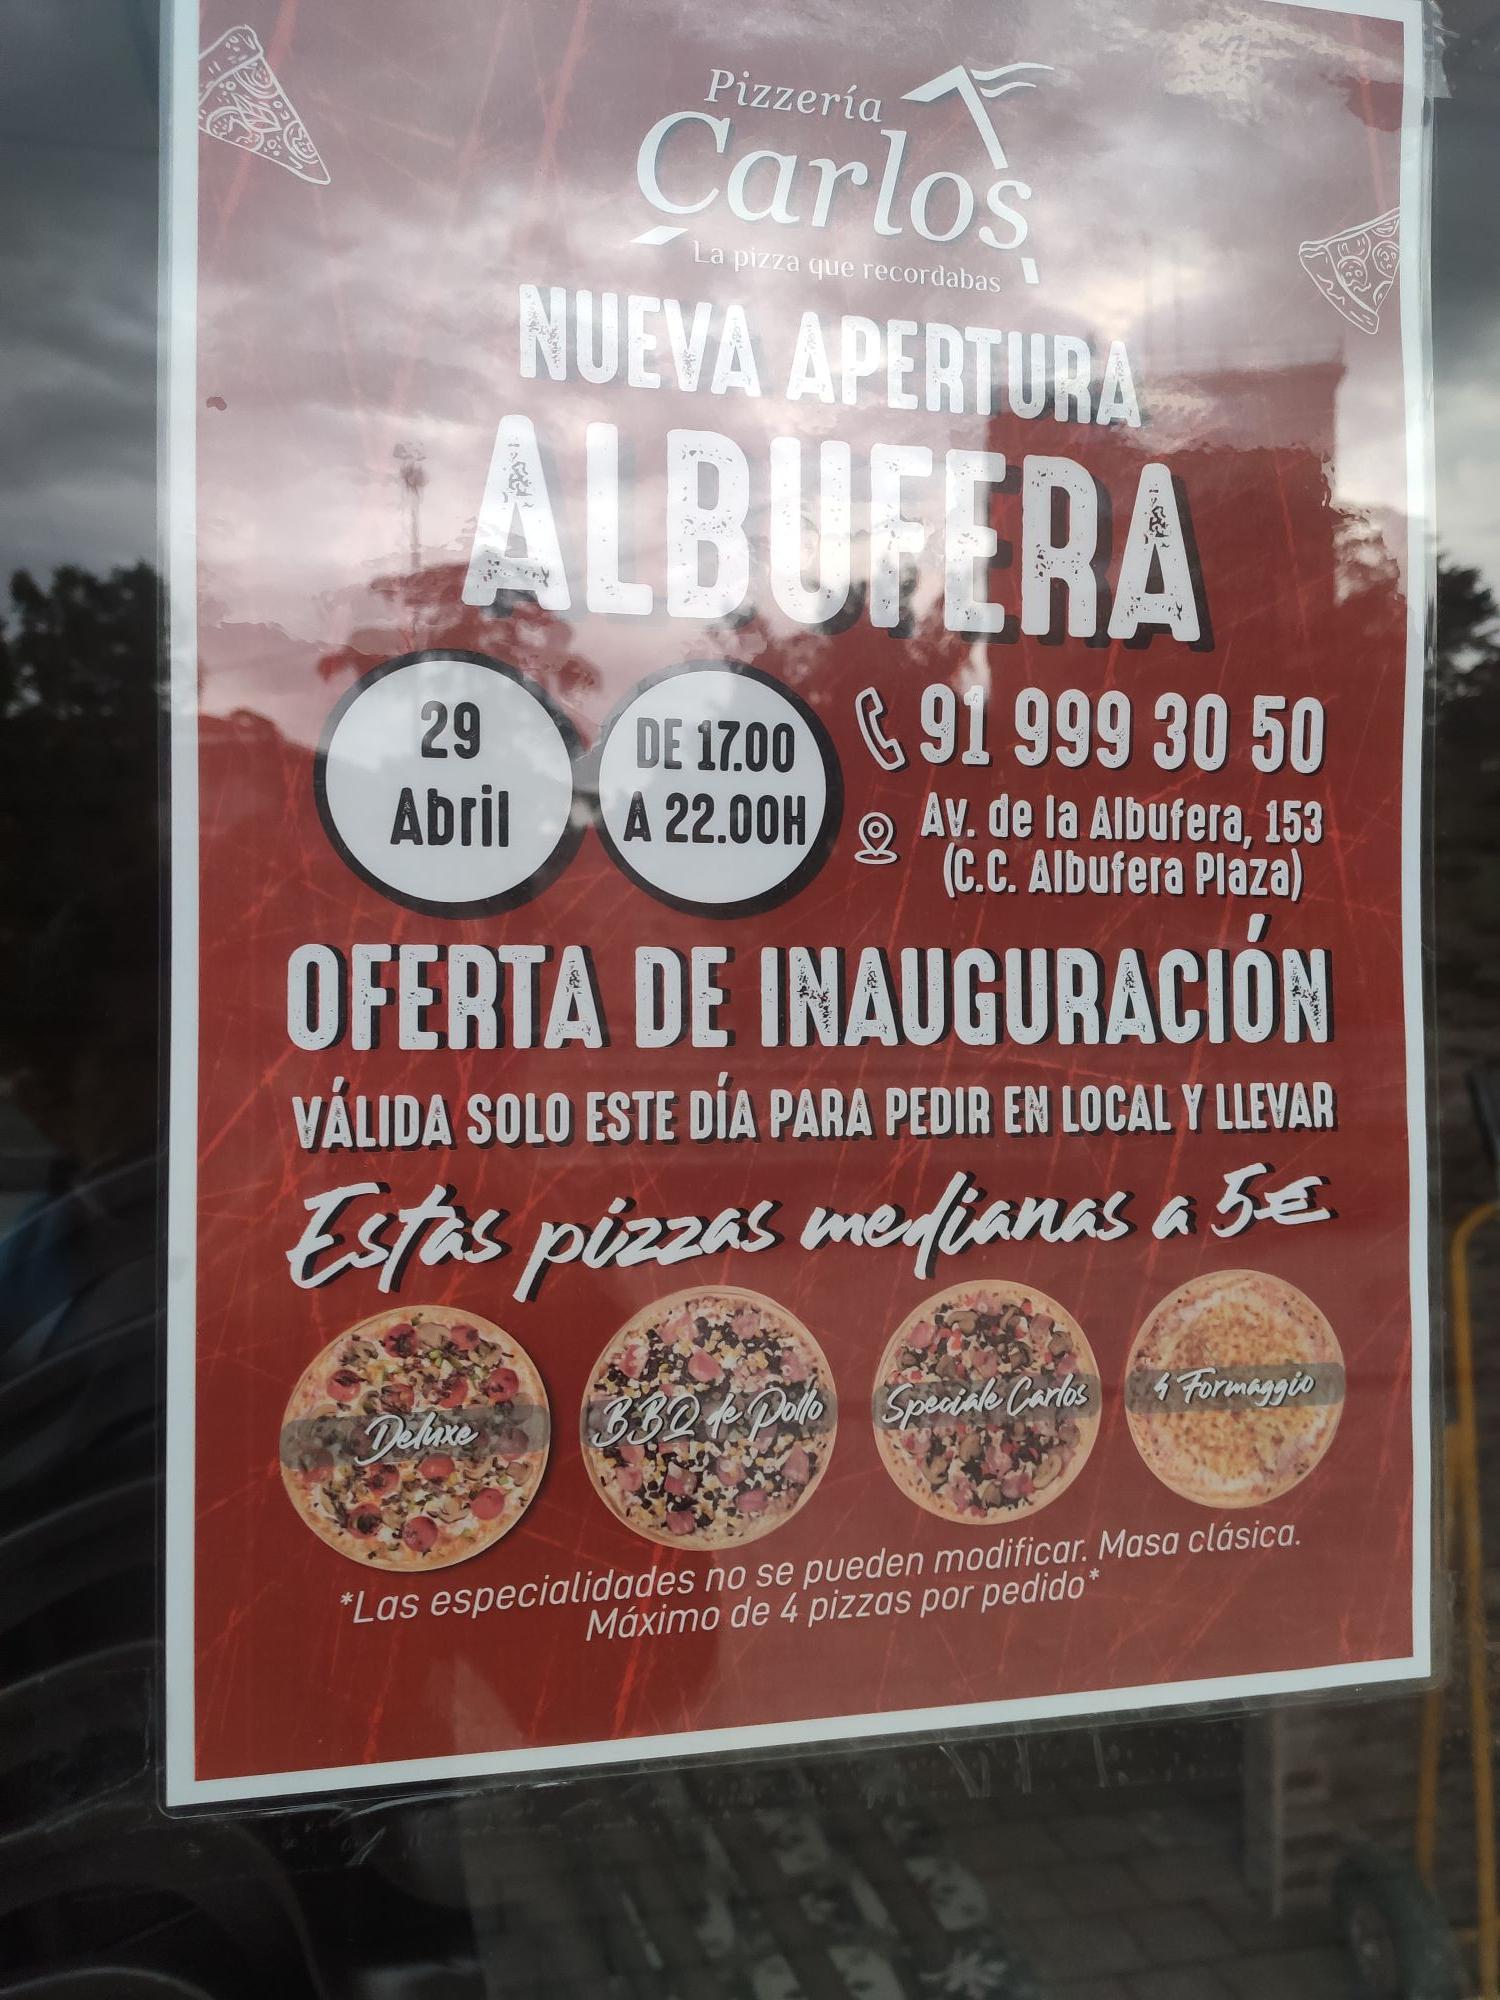 29 Abril Inauguración Pizzería Carlos Vallecas (Madrid)